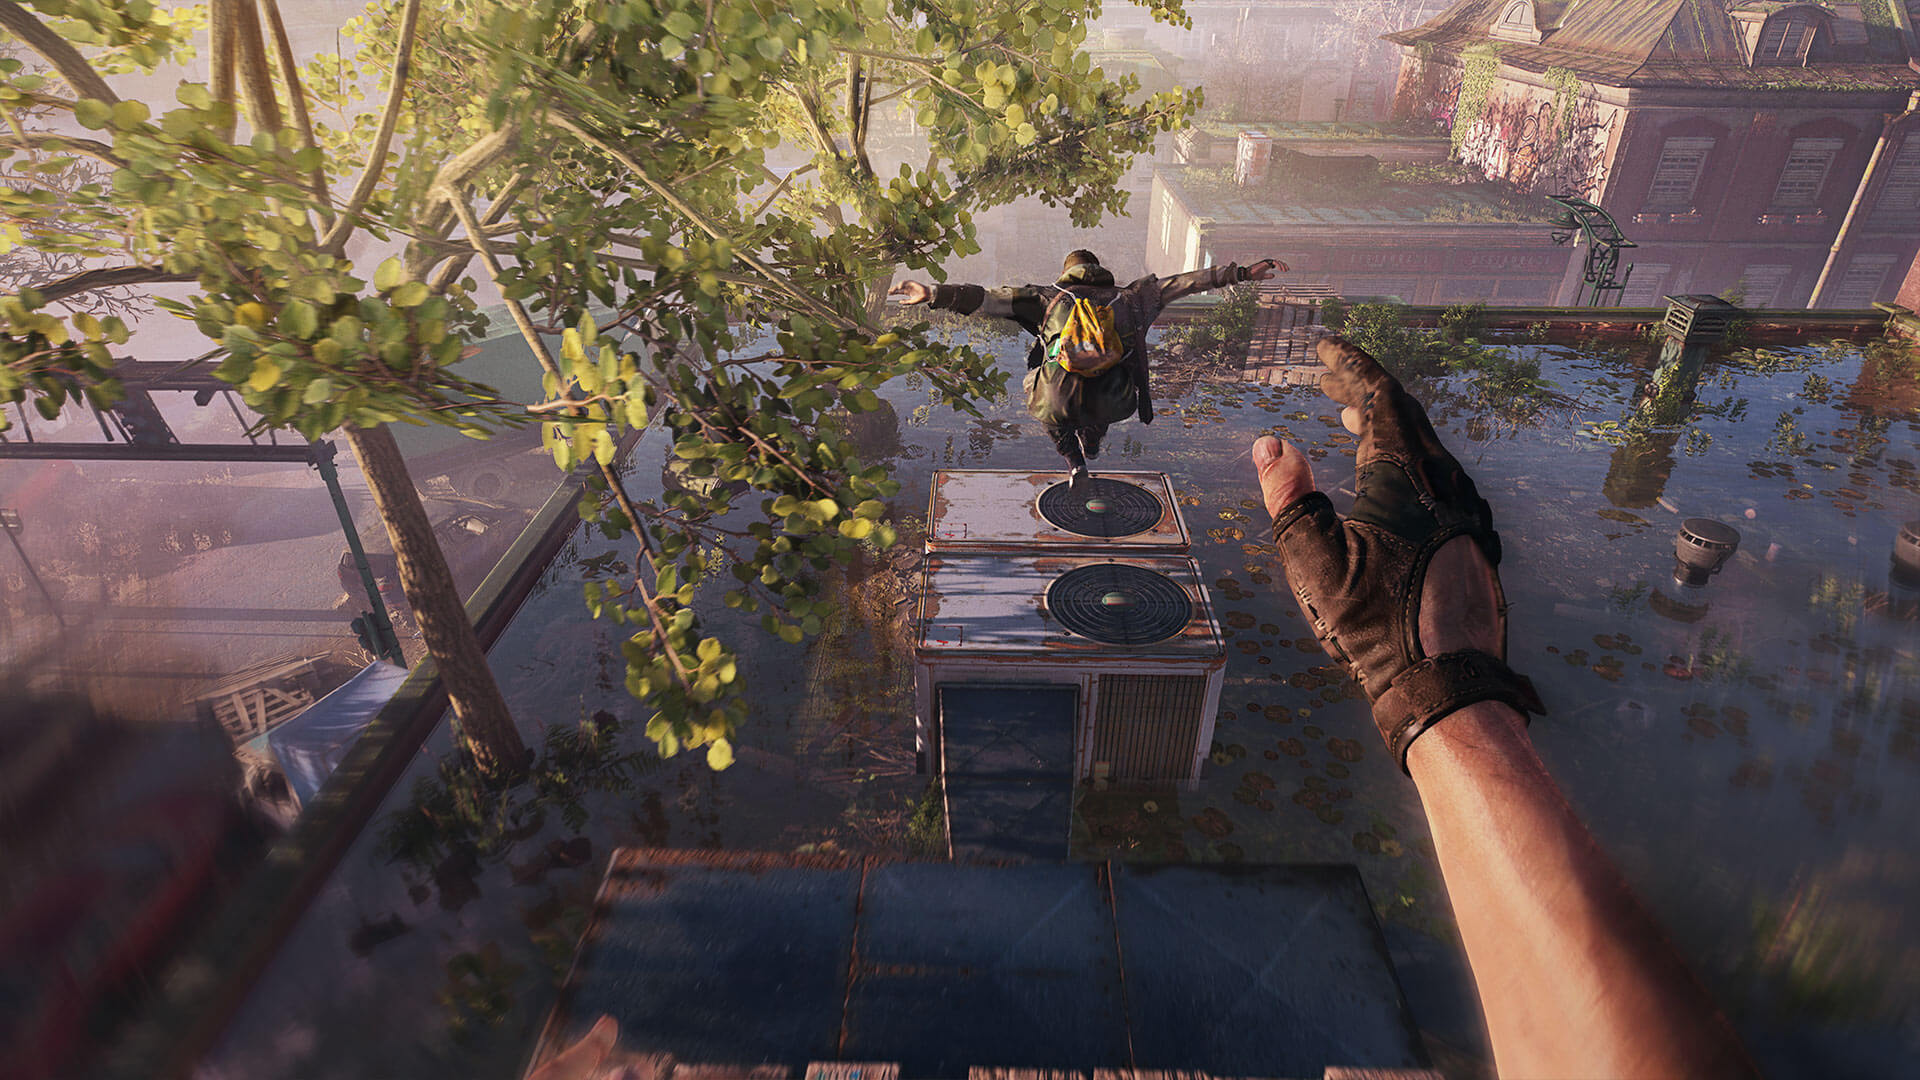 تریلر گیم پلی جدیدی از بازی Dying Light 2 Stay Human منتشر شد